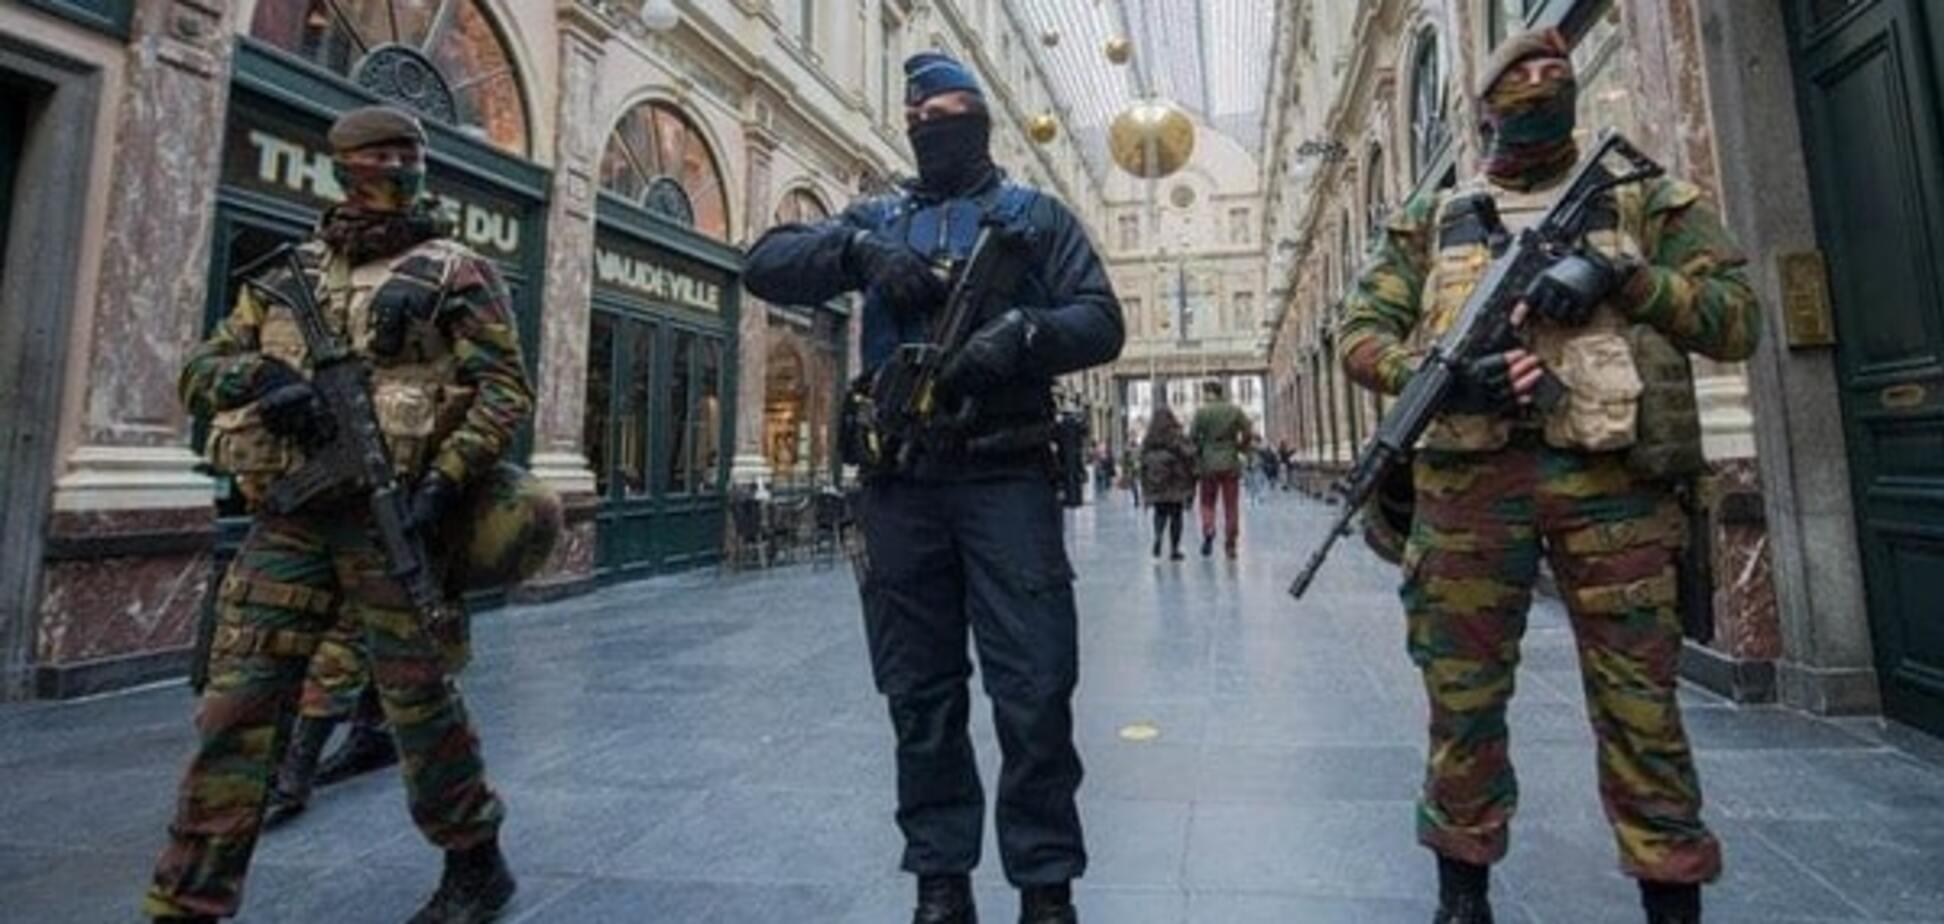 ЗМІ розповіли про плани екстремістів втопити Брюссель у крові